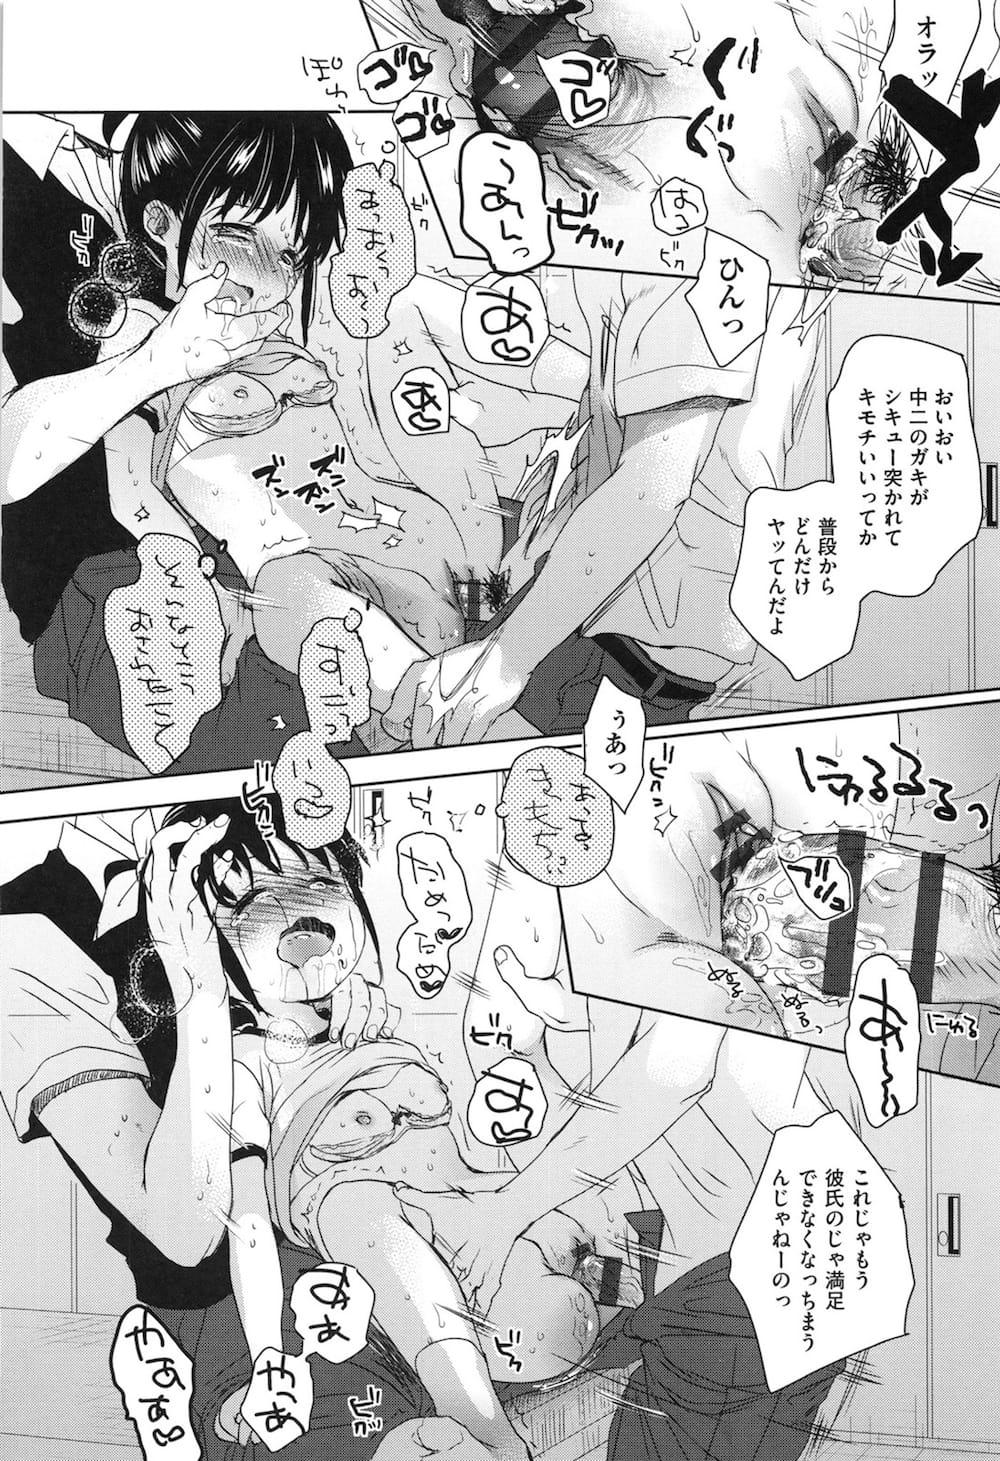 【エロ漫画】サッカー部の先輩部長とナイショで付き合うマネージャーJC!彼氏の先輩に当たる高校生の二人組に脅迫されて輪姦された!幼ボディを蹂躙する酷い先輩!【岡田コウ】